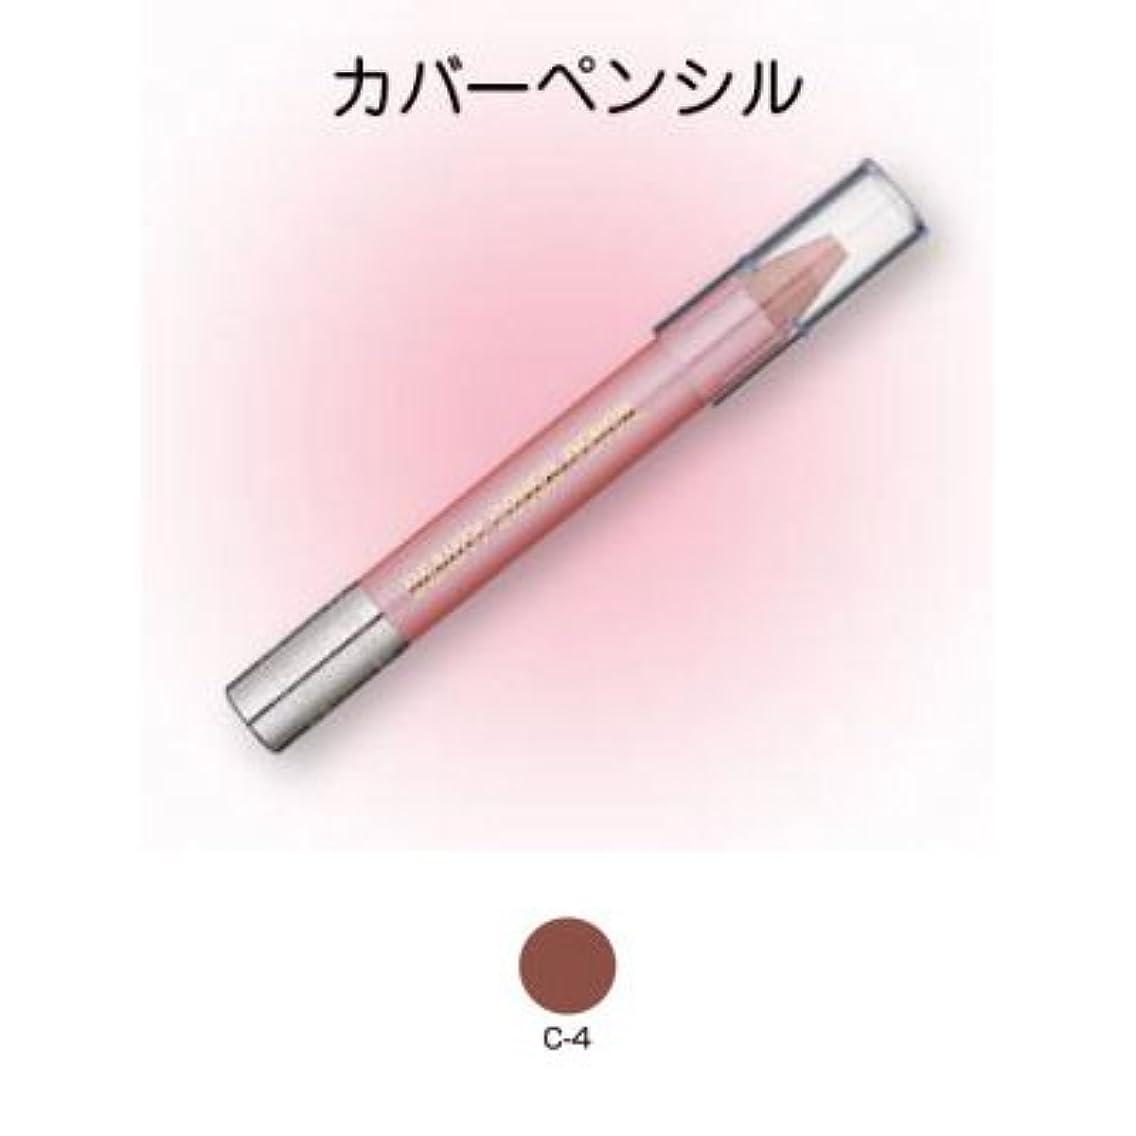 マイルド典型的な標高ビューティーカバーペンシル C-4【三善】